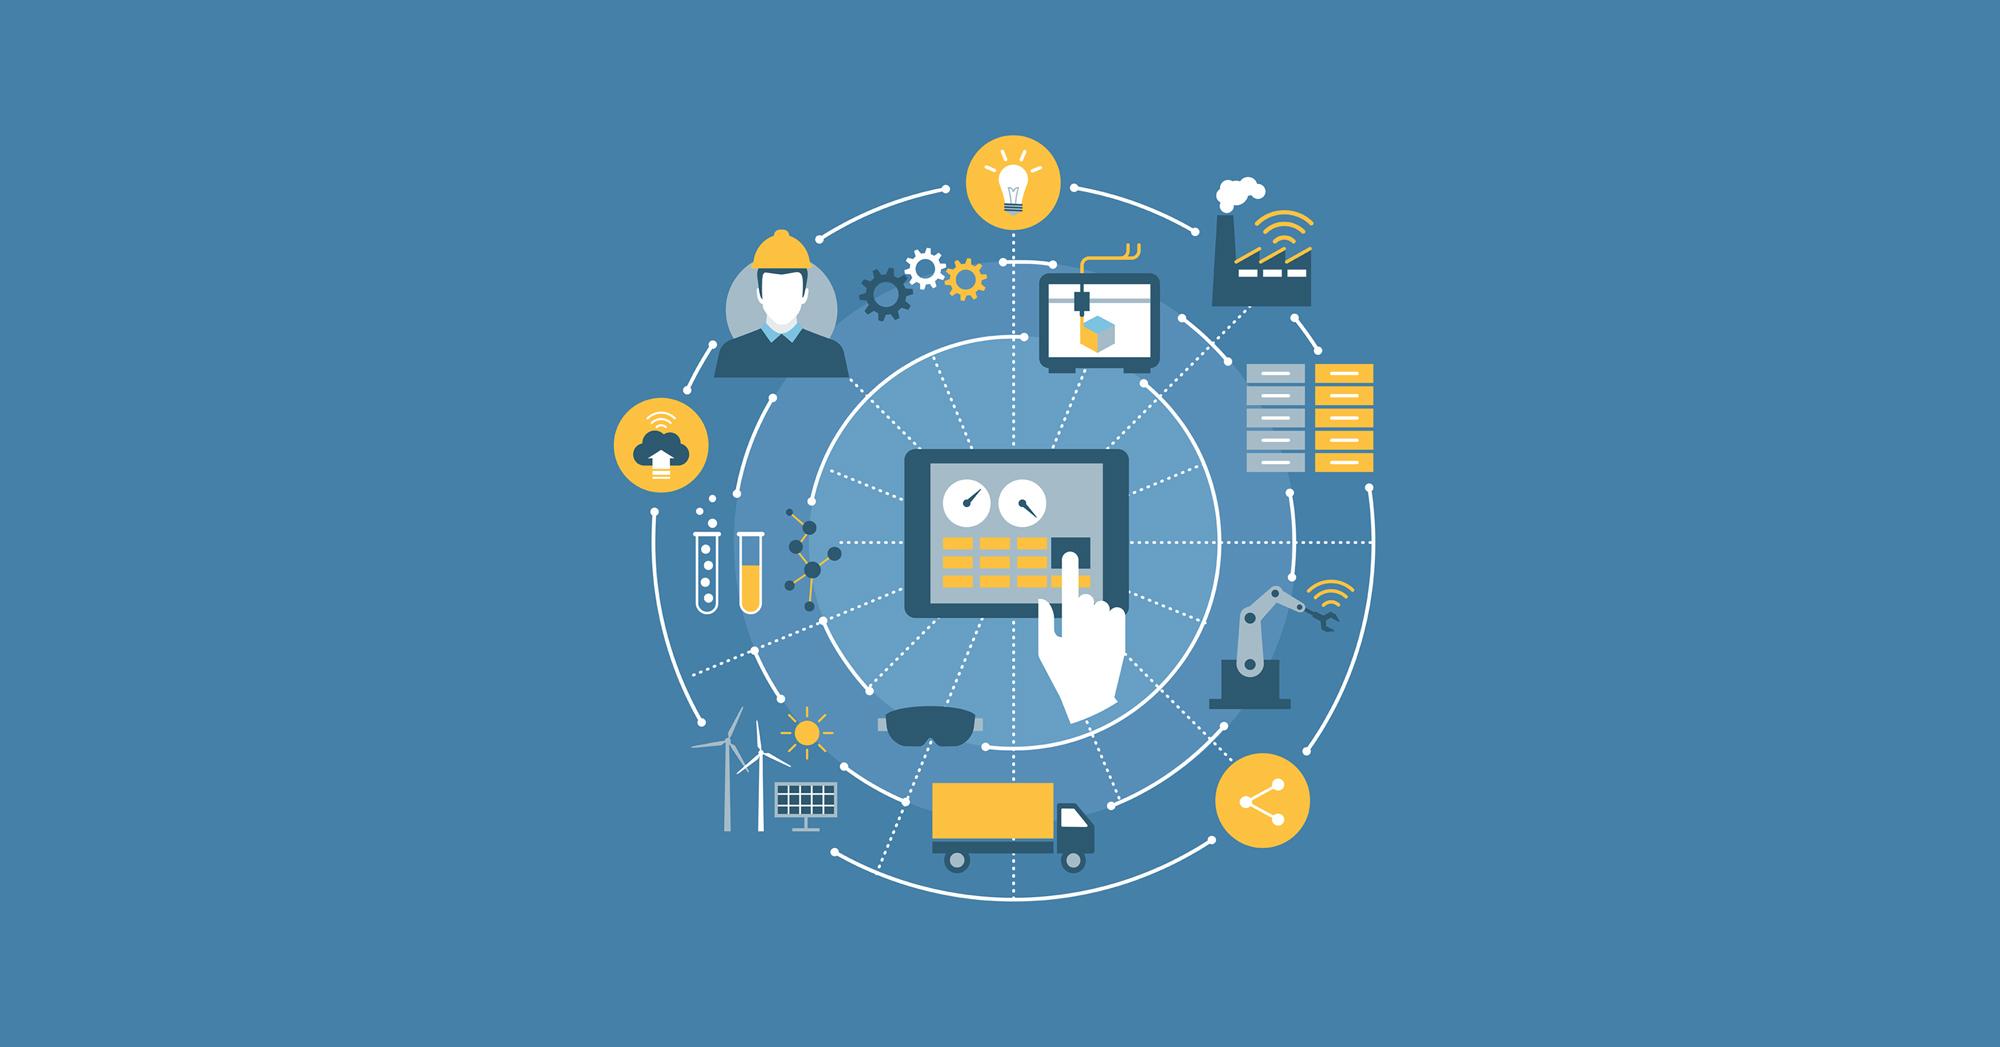 人工智能技术可以提高整个物联网的整体运作效率